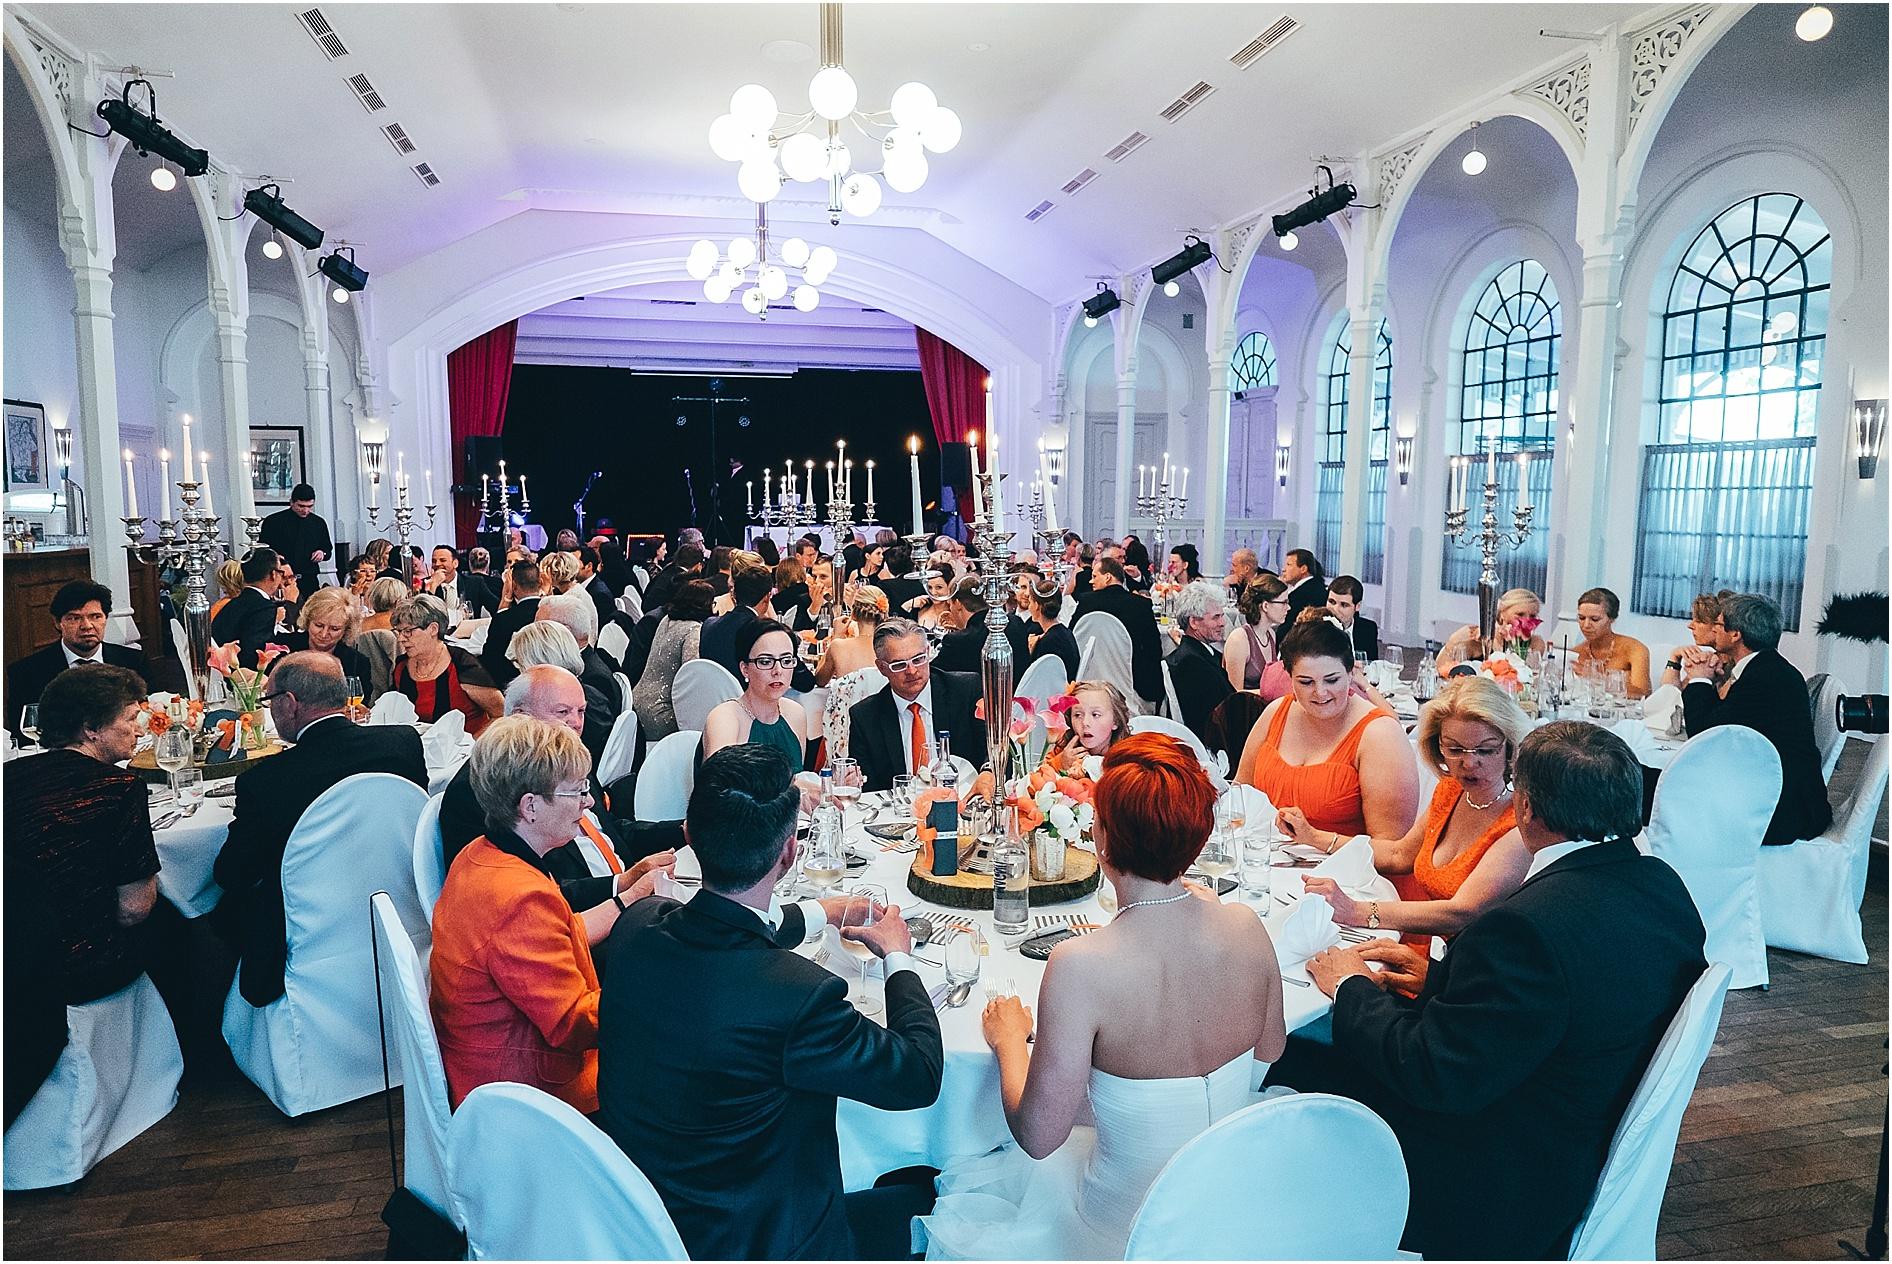 2015-10-27_0097 Tine & Chrischan - Hochzeitsfilm & Fotos in Lüneburg